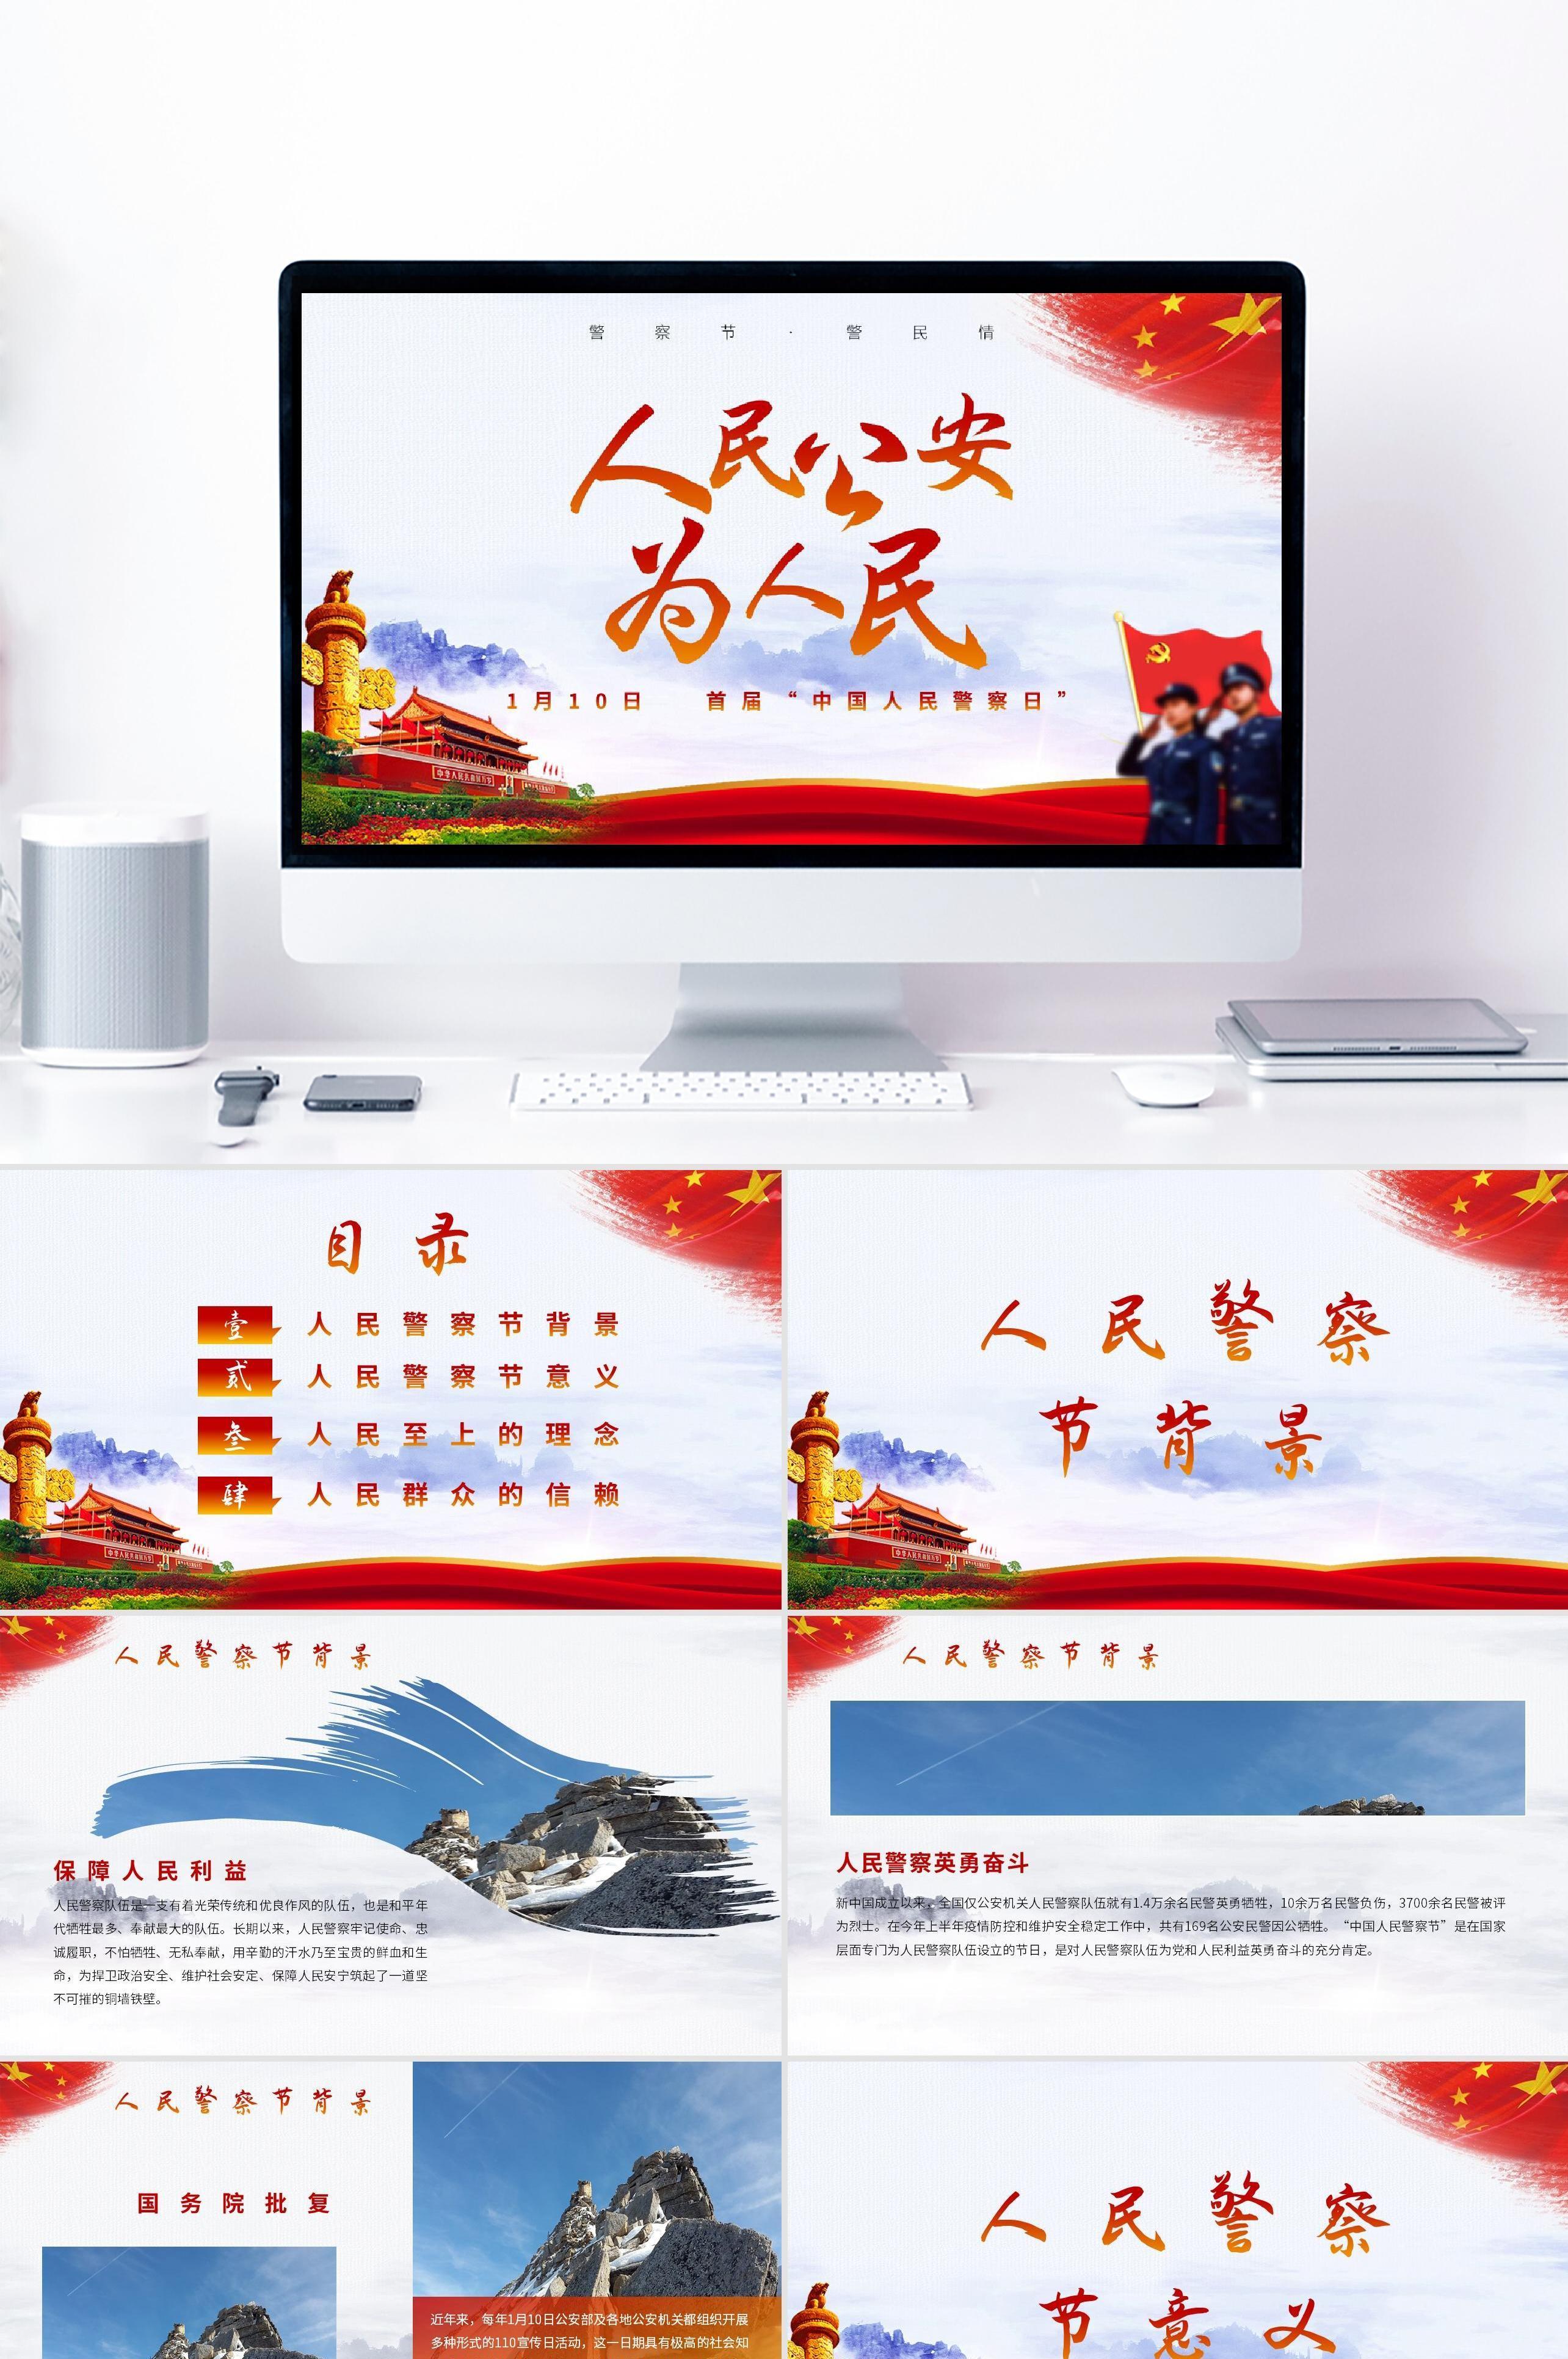 红色简约党政风中国人民警察宣传PPT模板